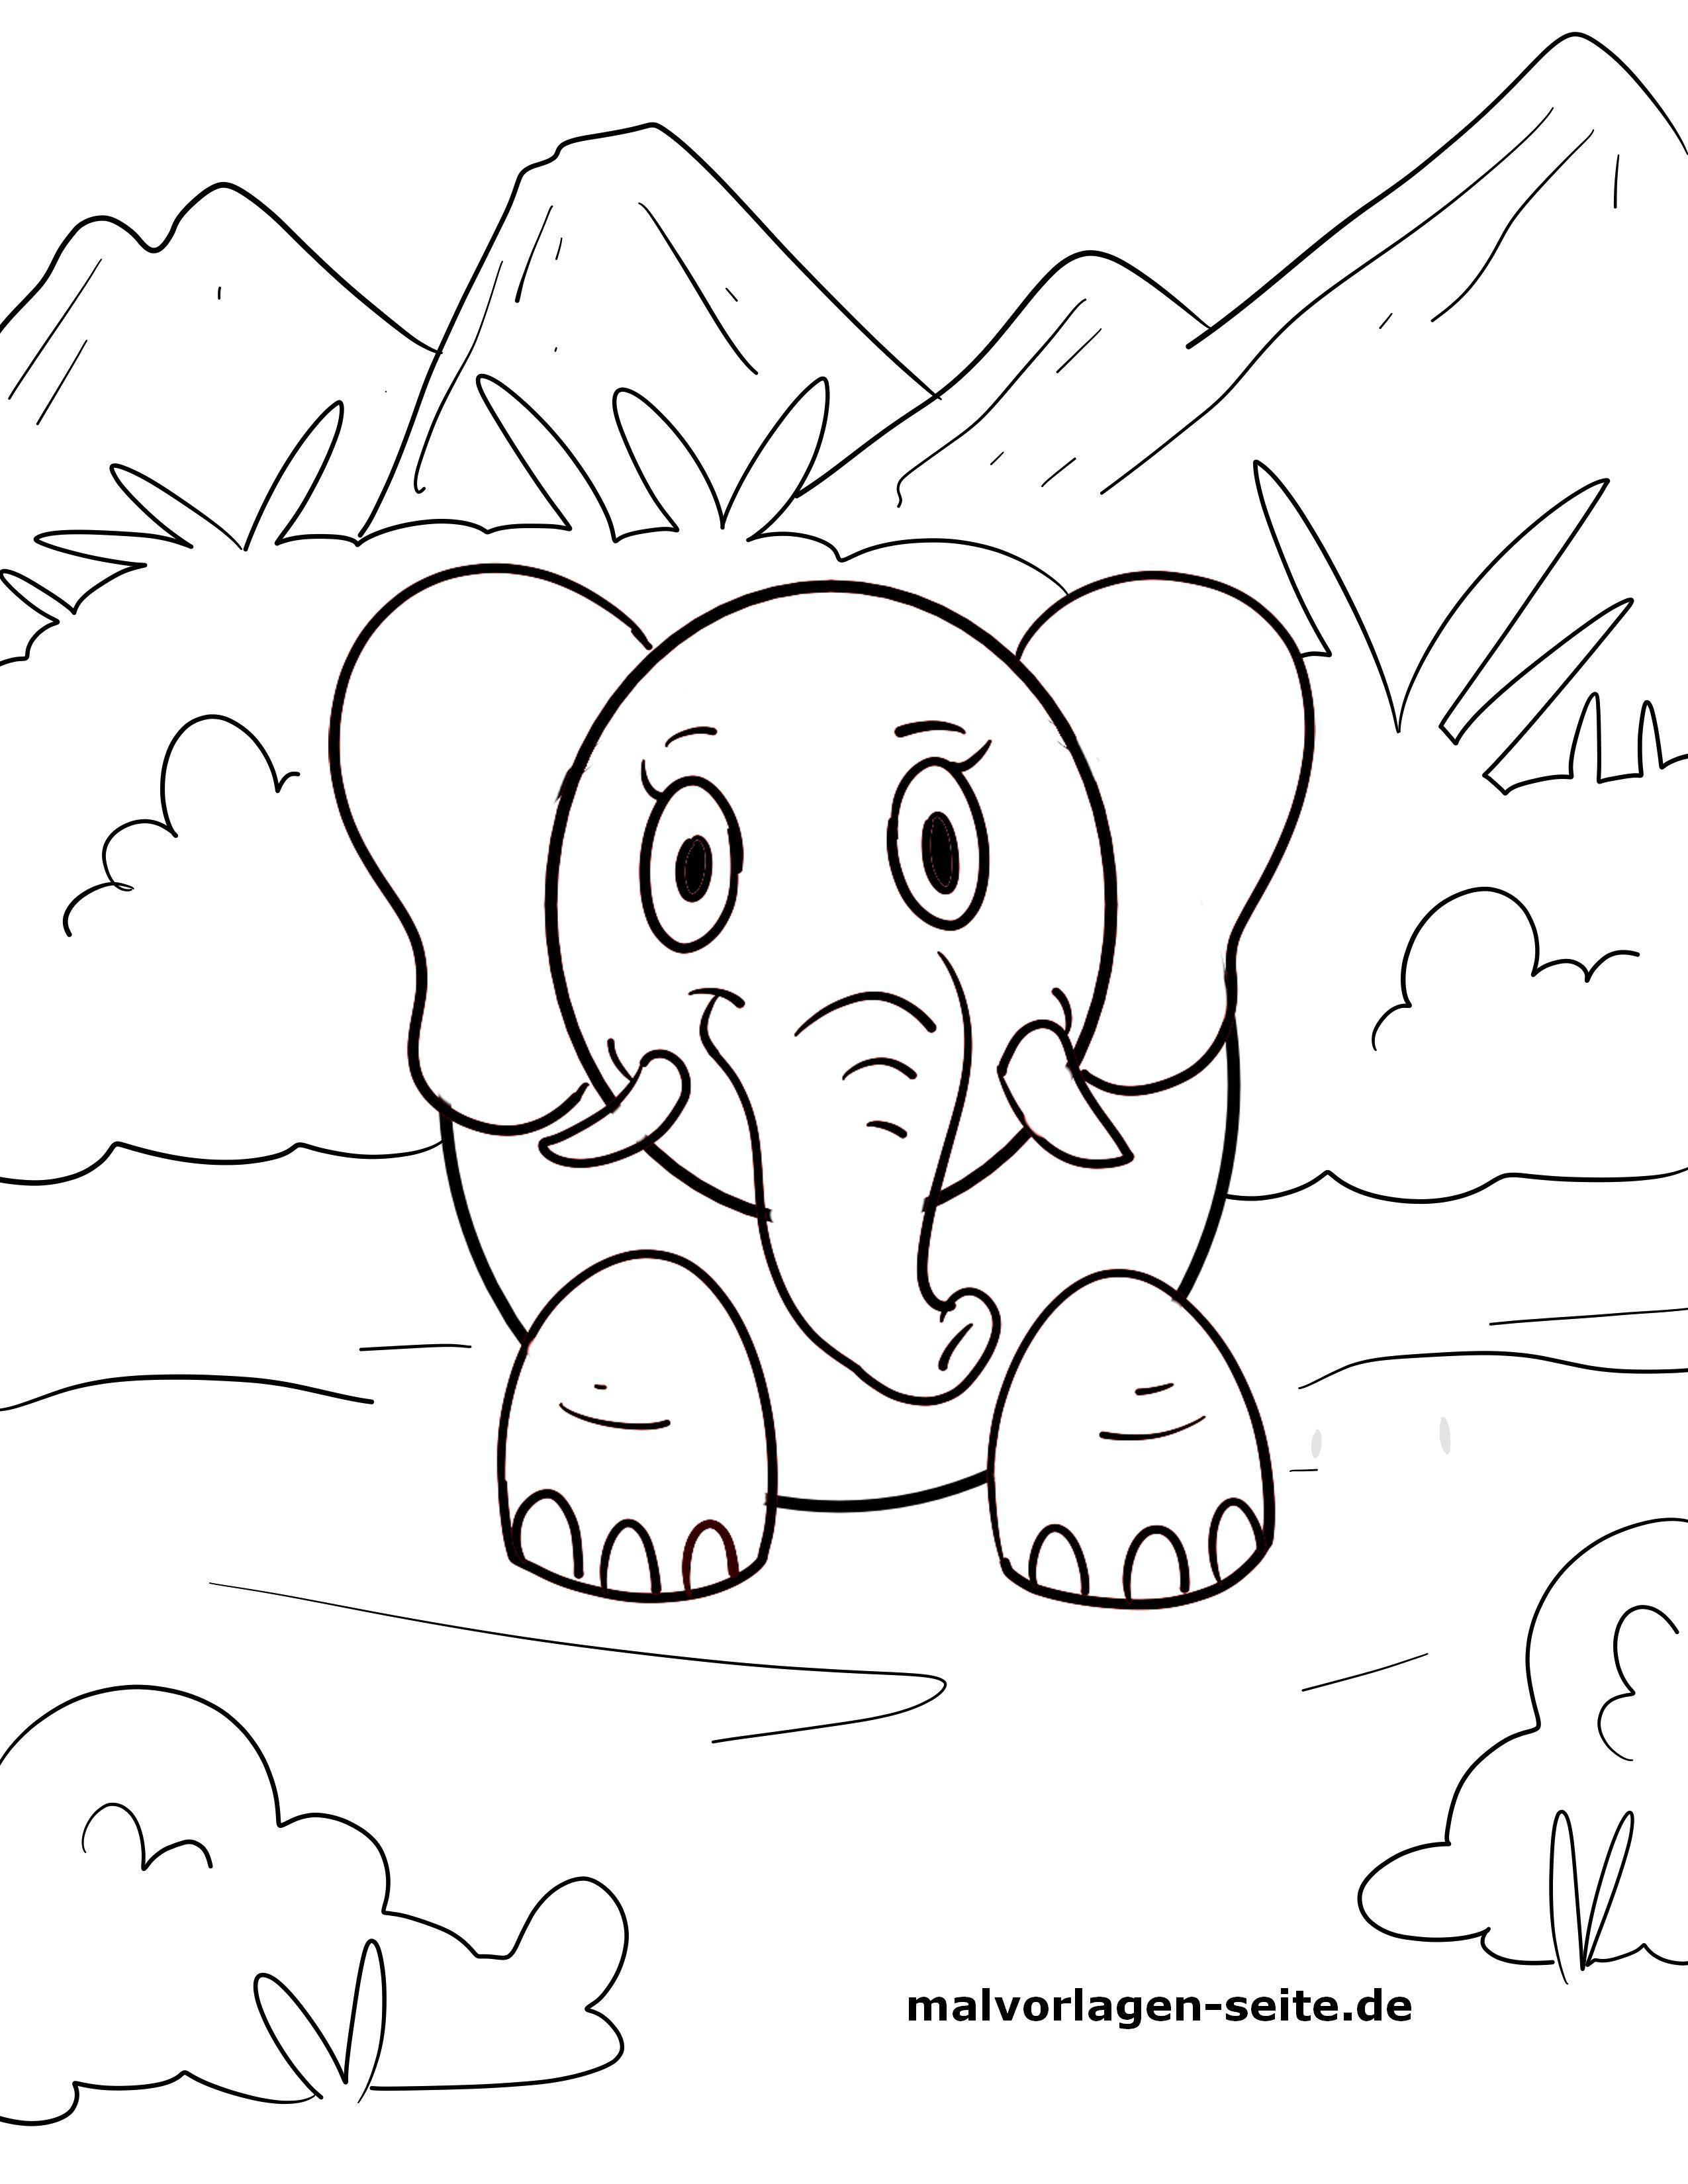 Malvorlage kleine Kinder - Elefant - Kostenlose Ausmalbilder